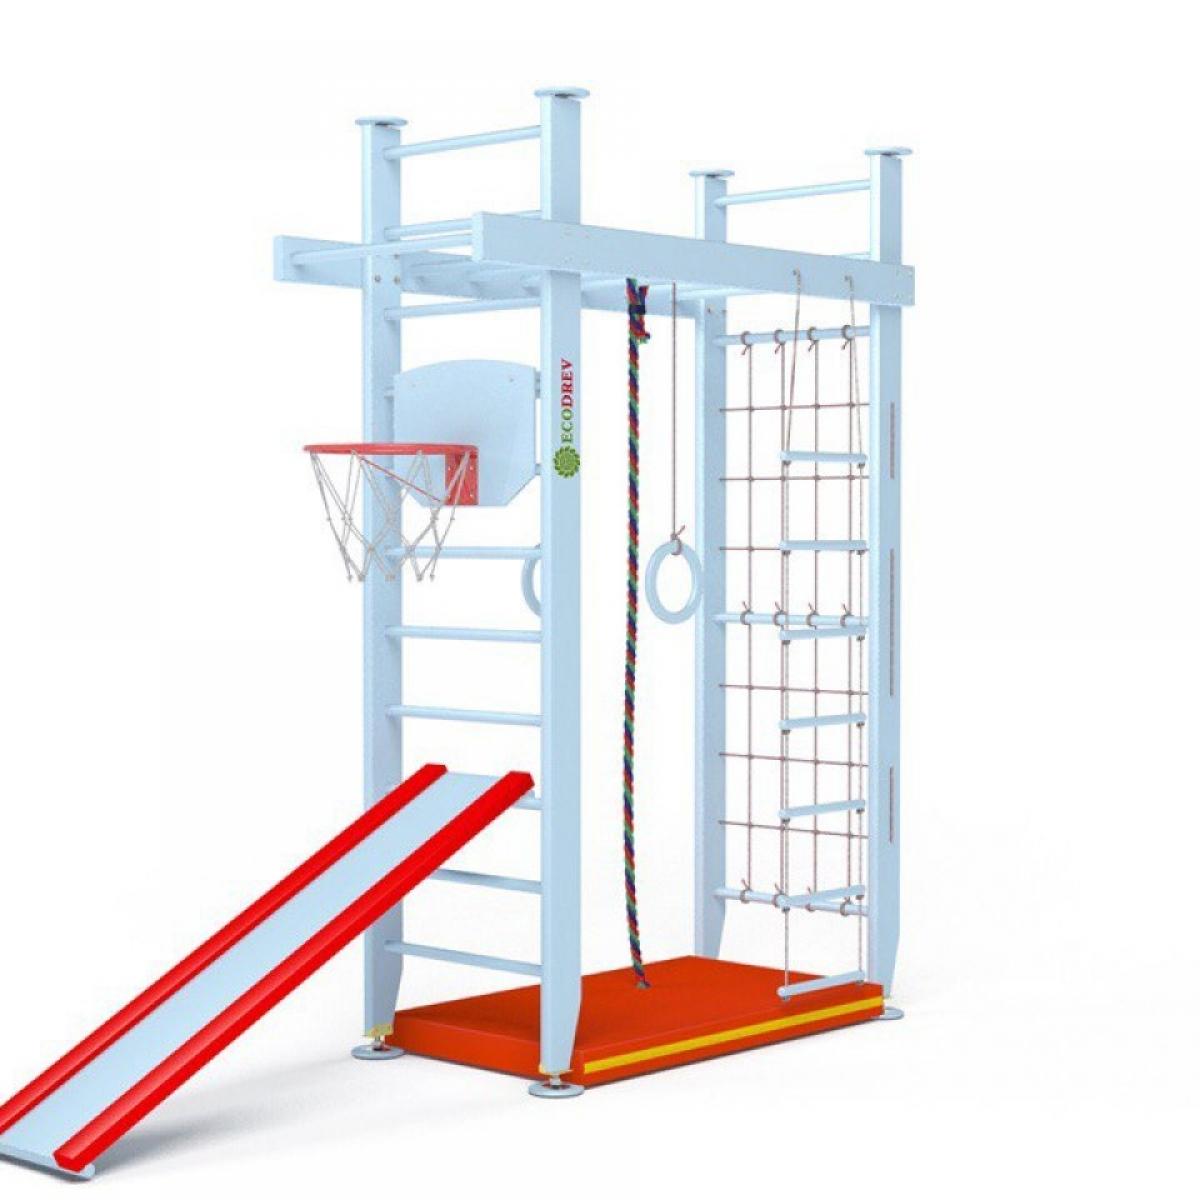 Детский спортивный комплекс Крепыш П-образный с верхним турником враспор (лак, полная комплектация)